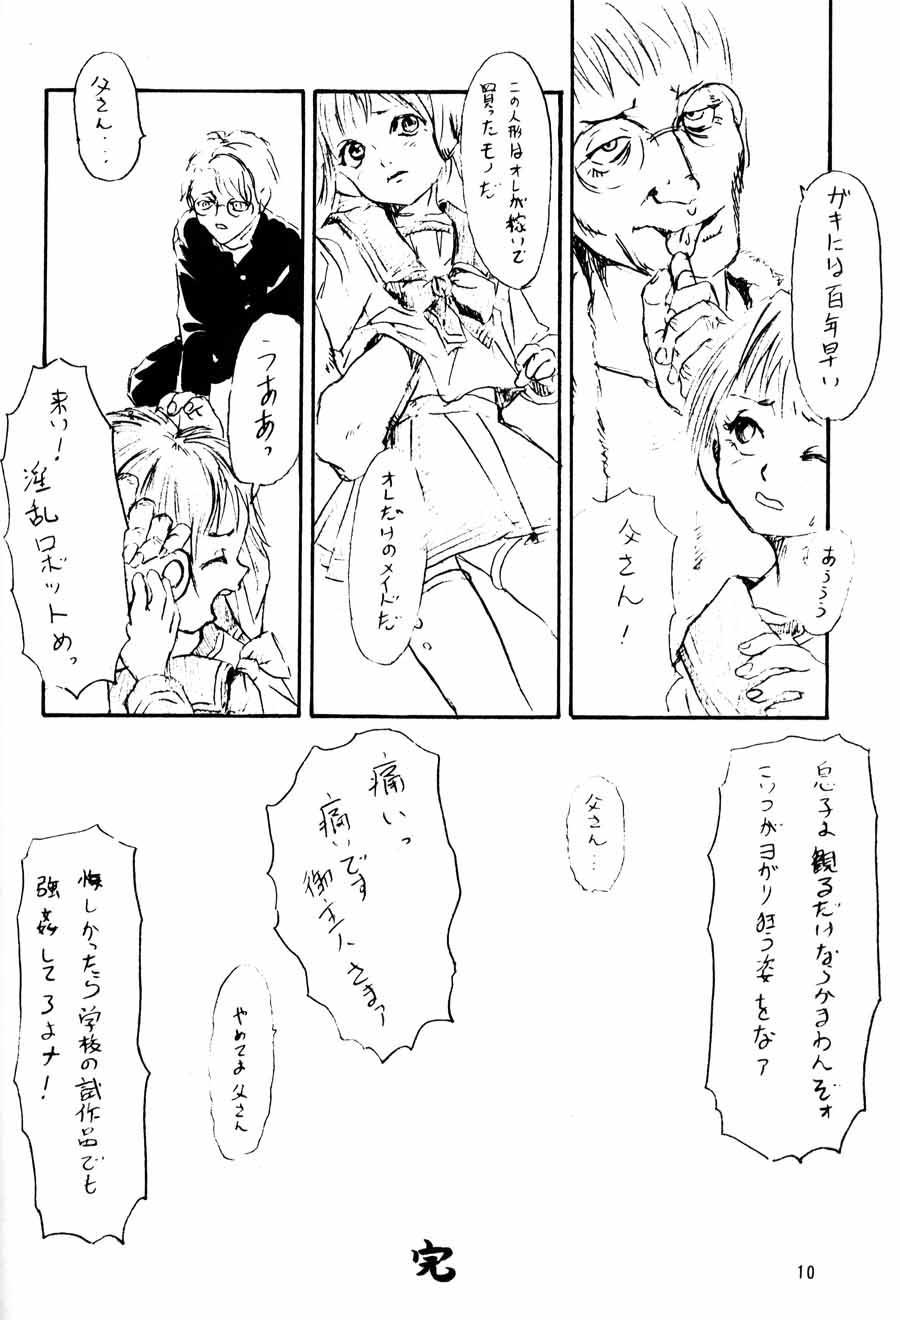 Toshiyori no Hiyamizz 8